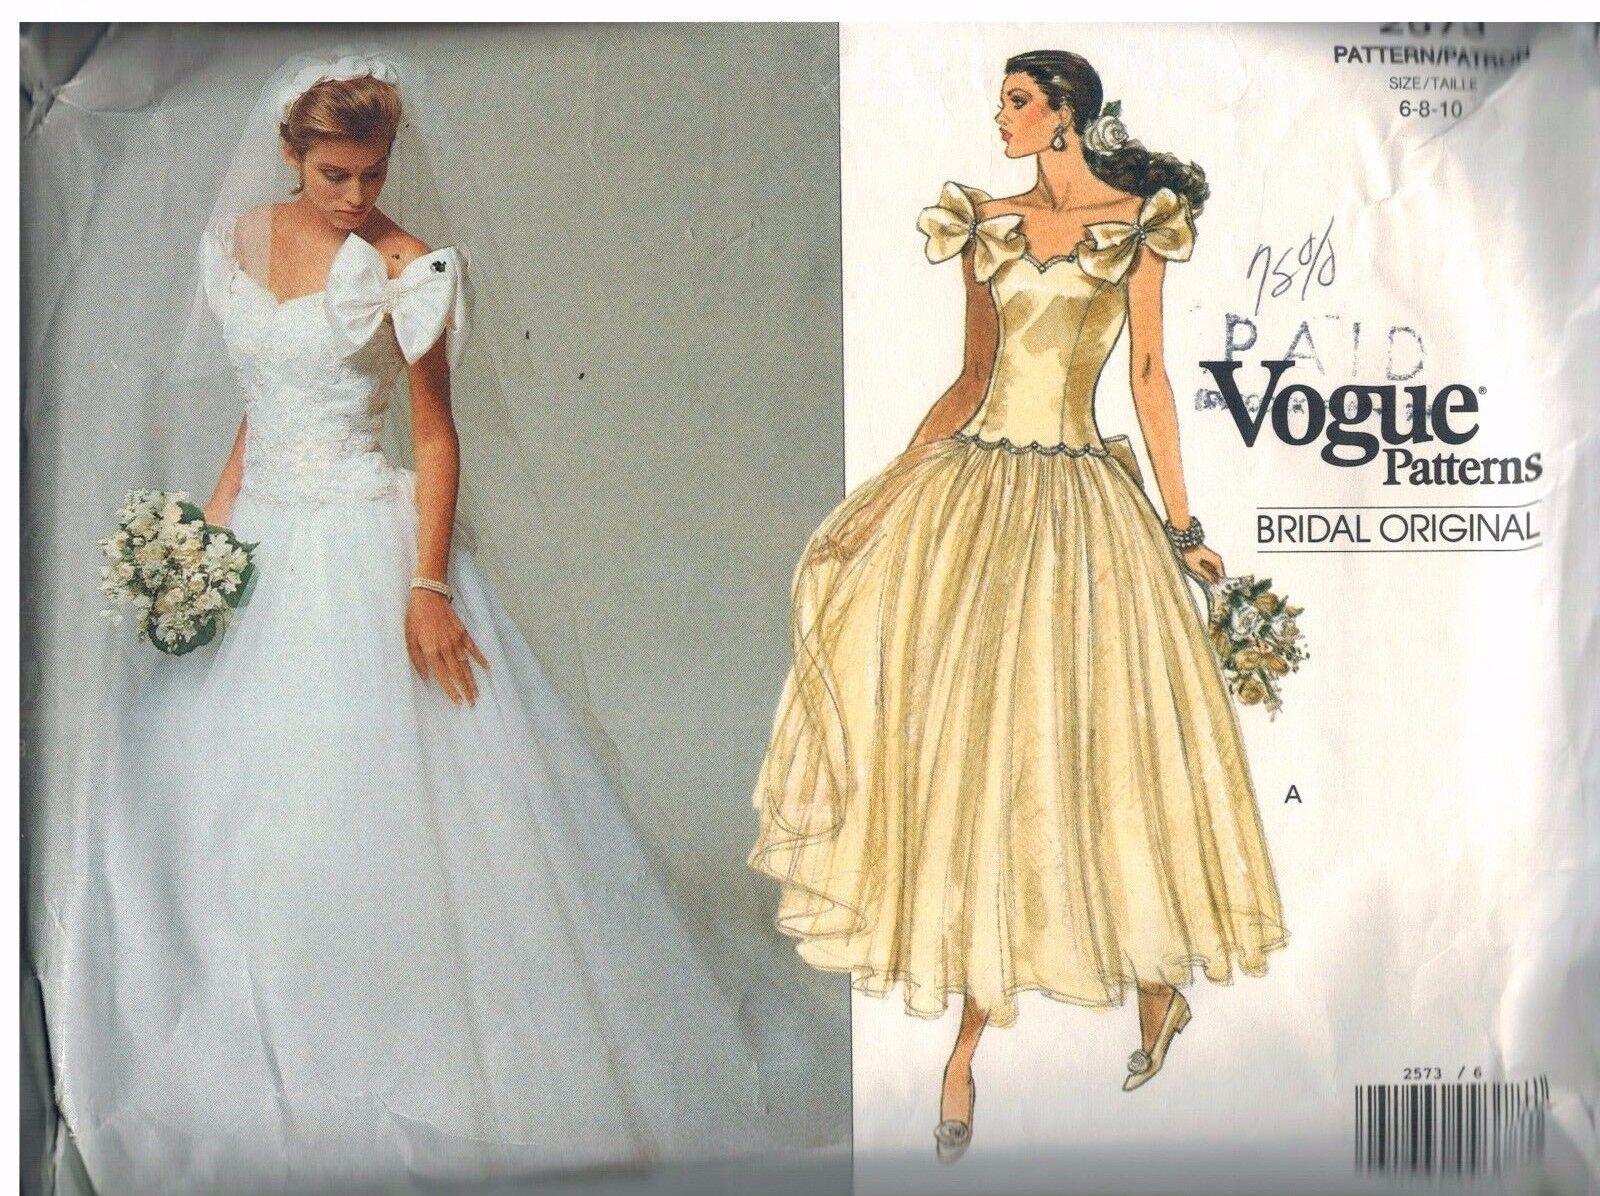 2573 Uncut Vogue Sewing Pattern Misses Bridal Gown Dress Petticoat ...